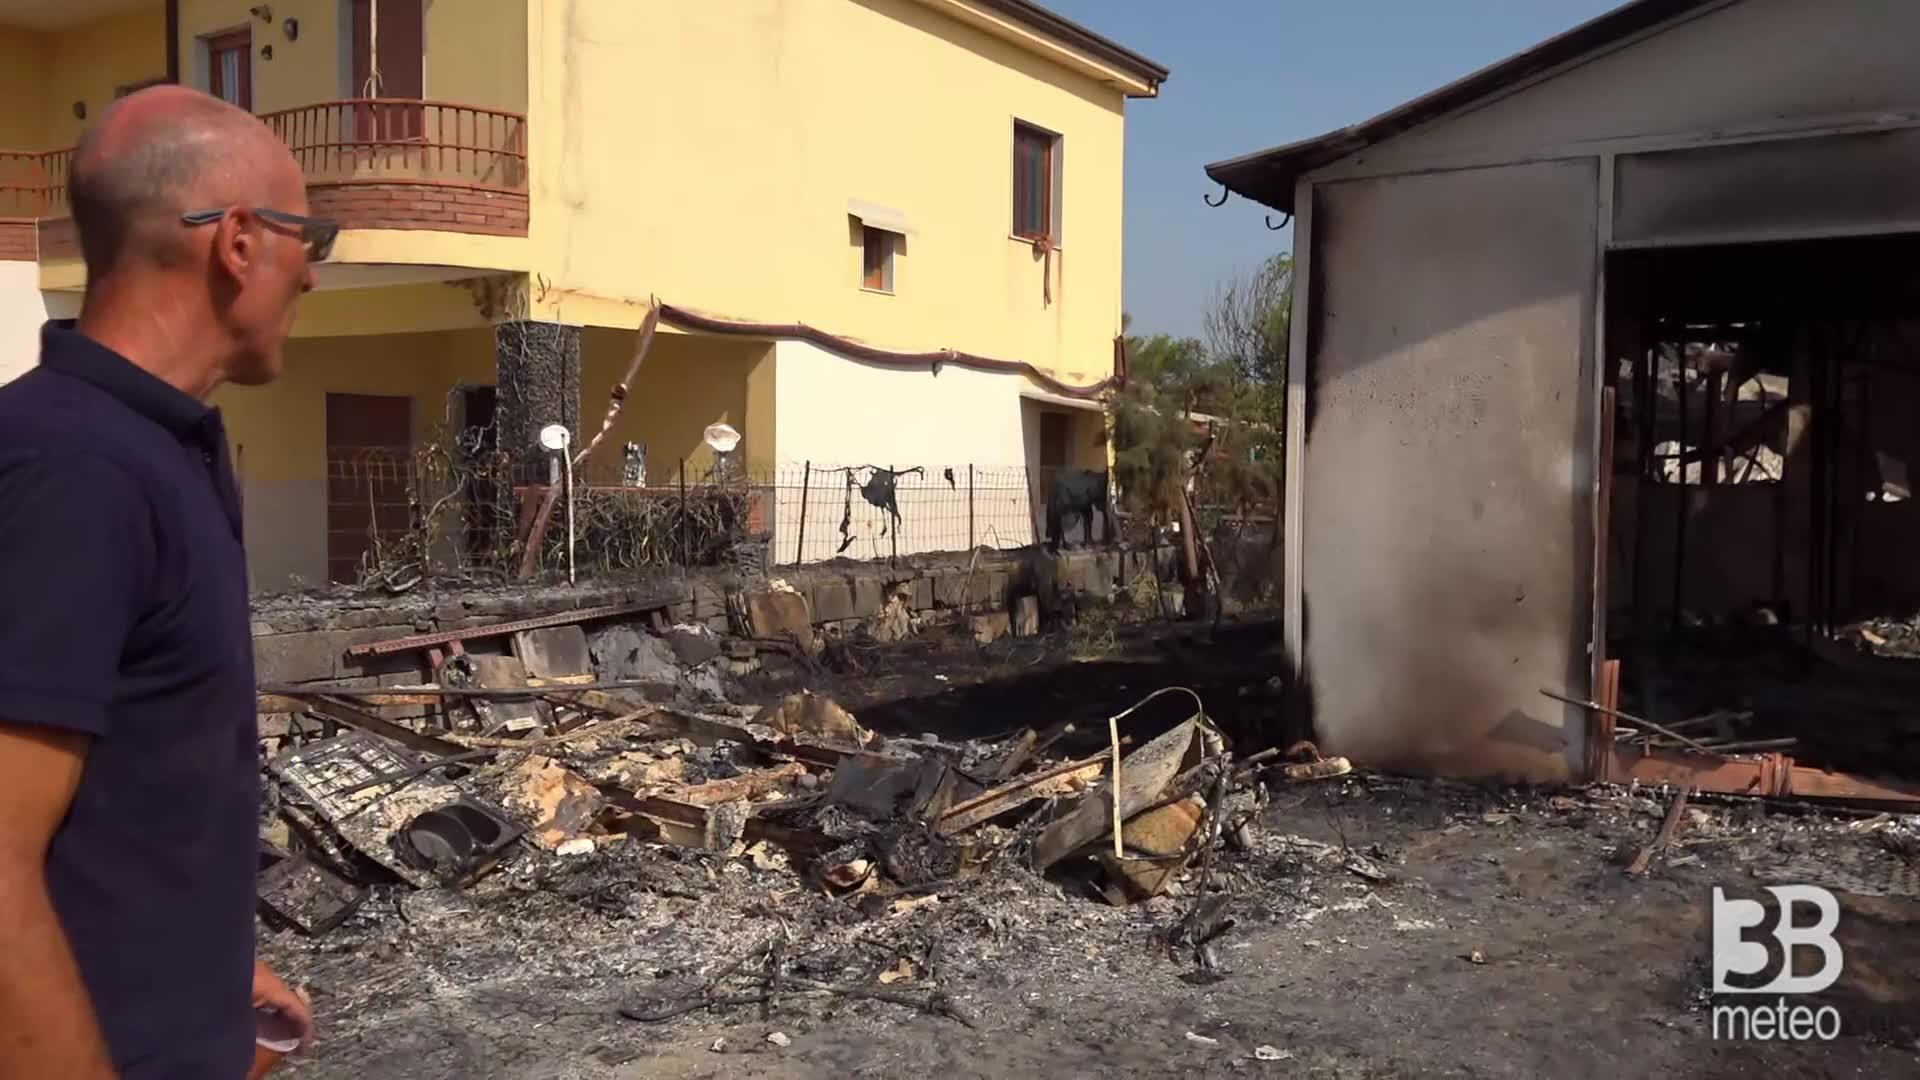 CRONACA DIRETTA - Incendio Catania, case bruciate: siamo qui senza nulla - VIDEO